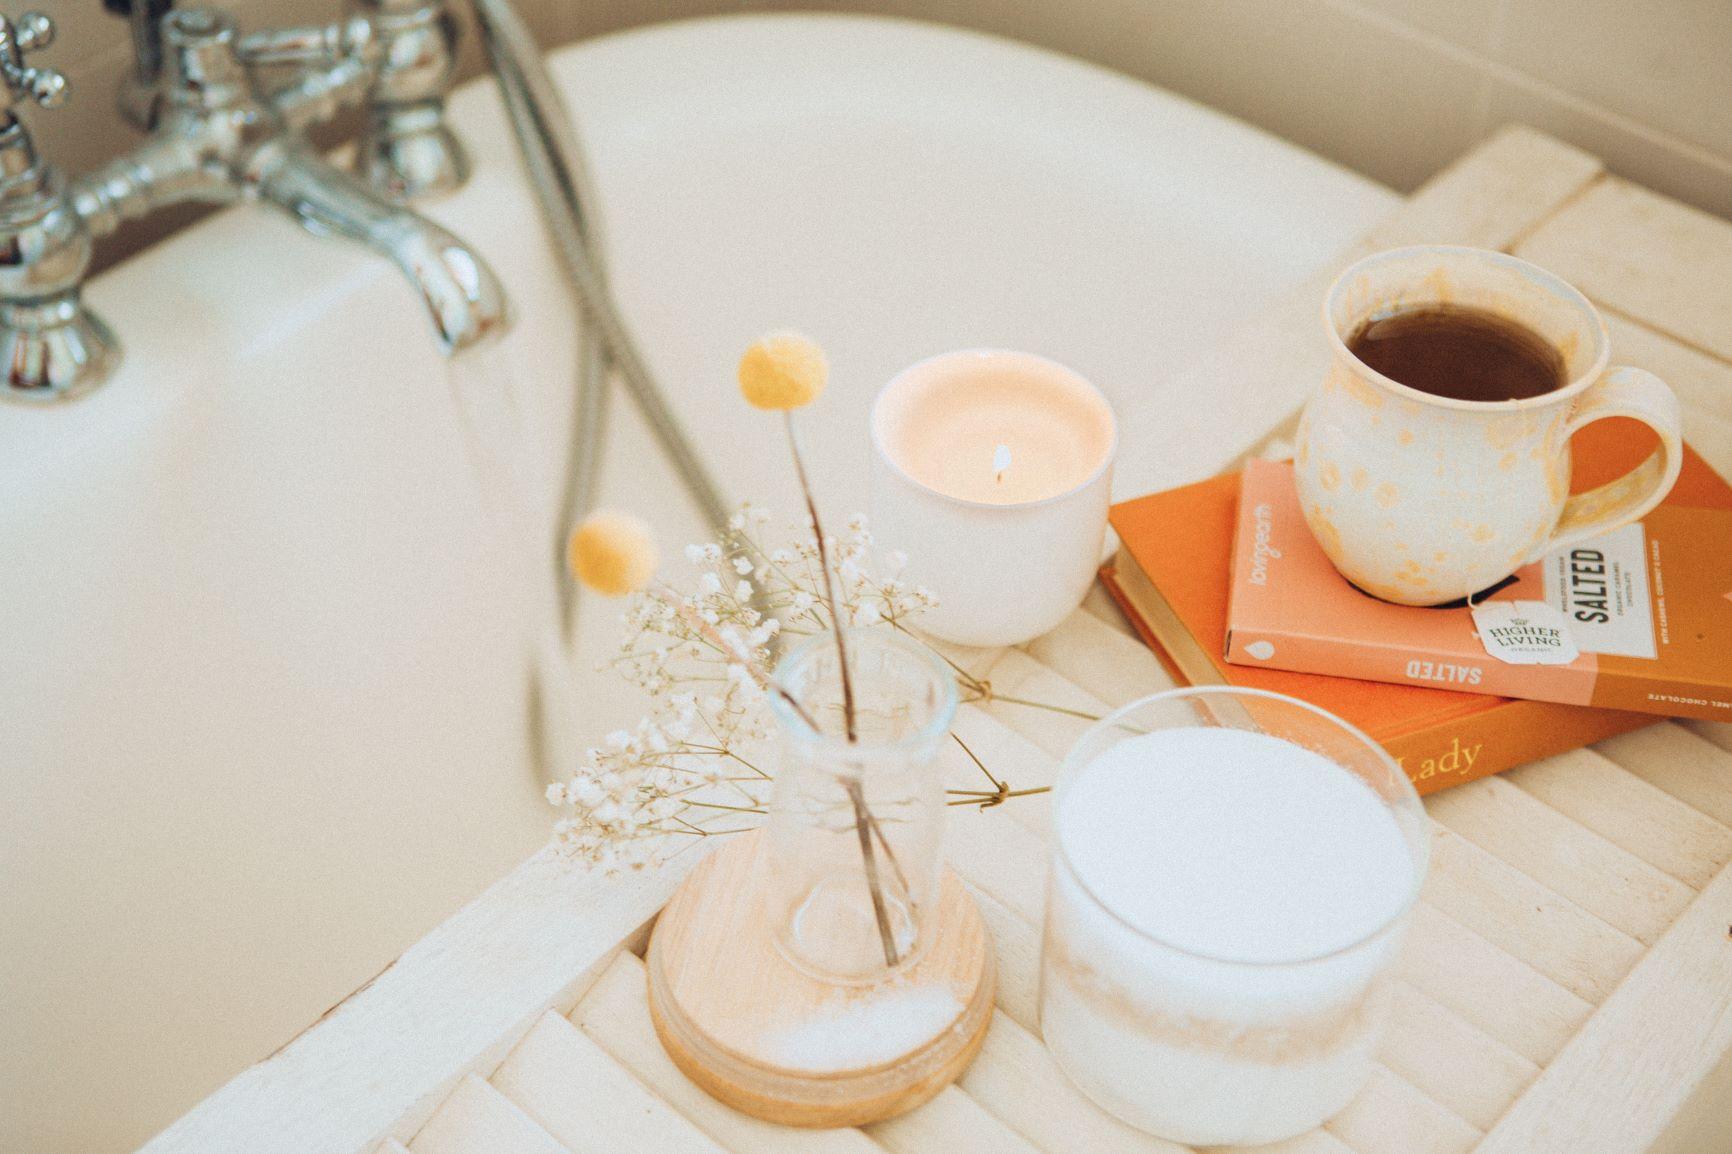 【レビュー】嫌なことがあった1日を50円の入浴剤で乗り切る方法!